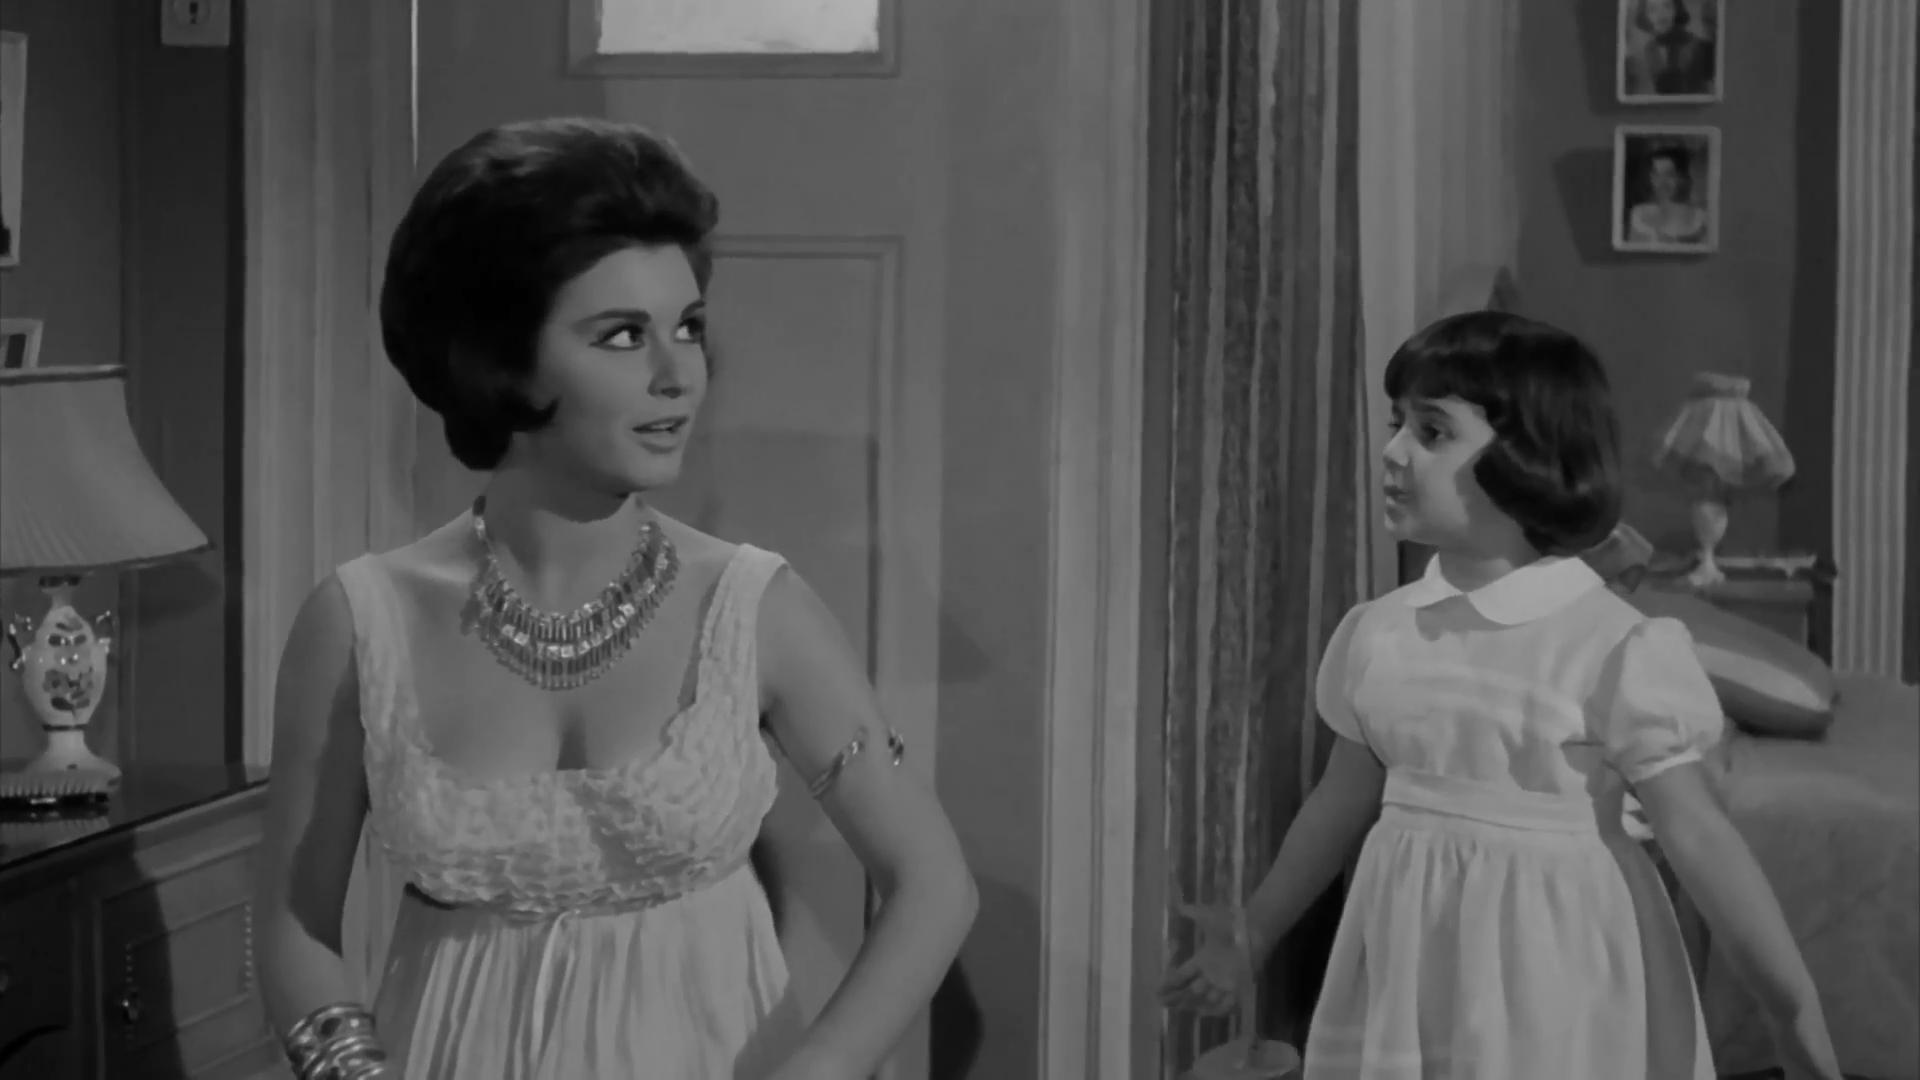 [فيلم][تورنت][تحميل][عائلة زيزي TS][1963][1080p][Web-DL] 6 arabp2p.com